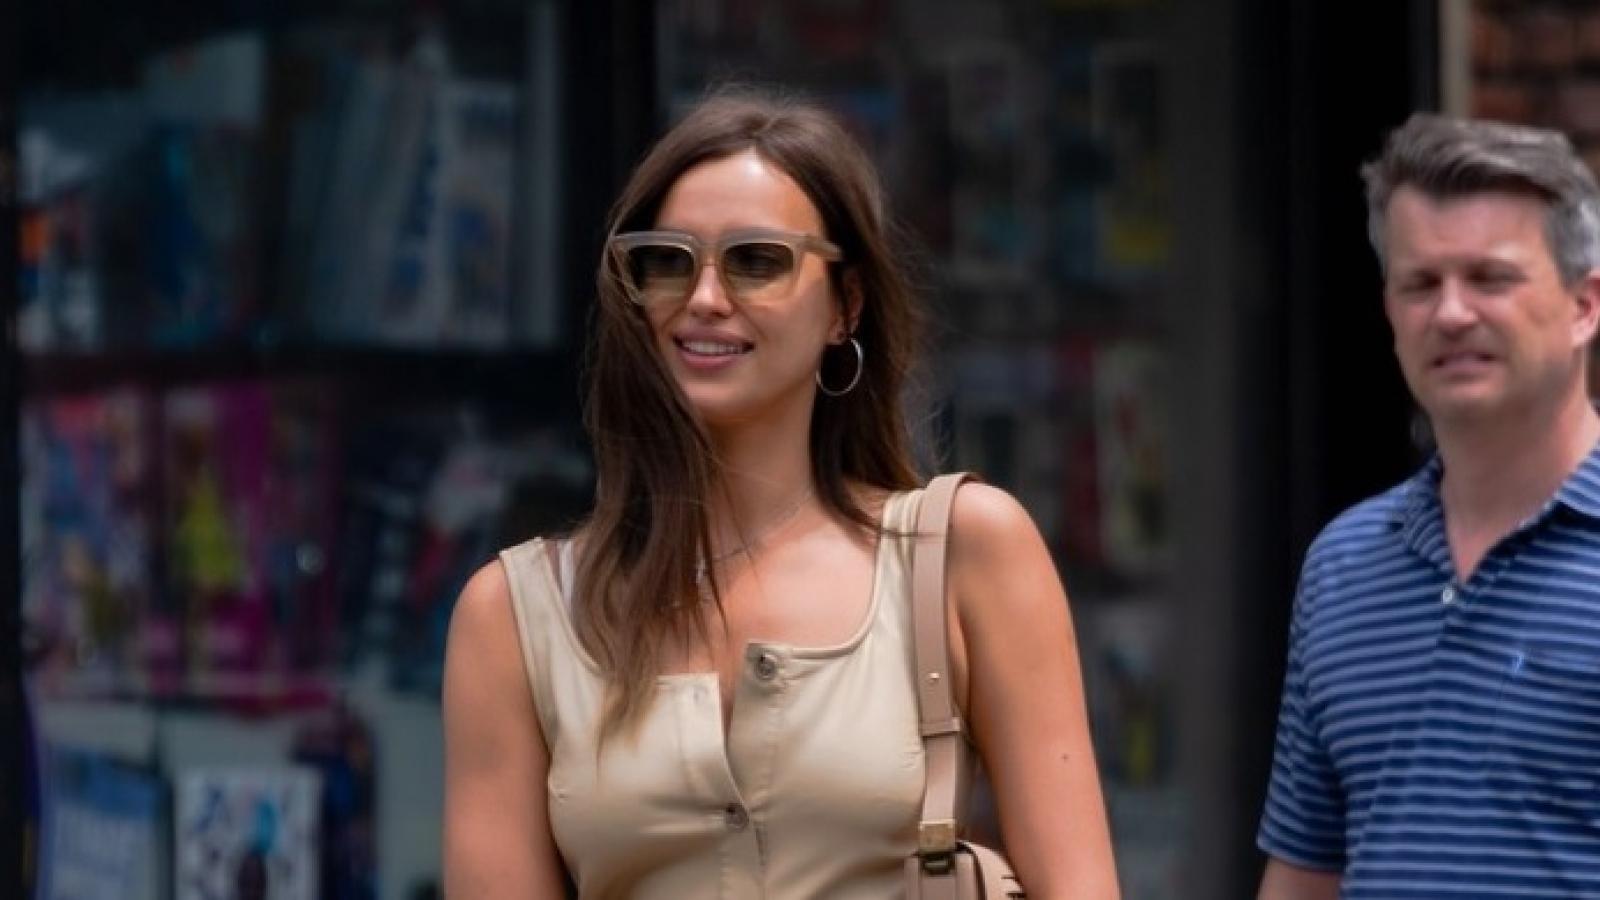 """""""Mẹ đơn thân"""" Irina Shayk gợi cảm đi chơi cùng bạn bè sau tin đồn hẹn hò Kanye West"""